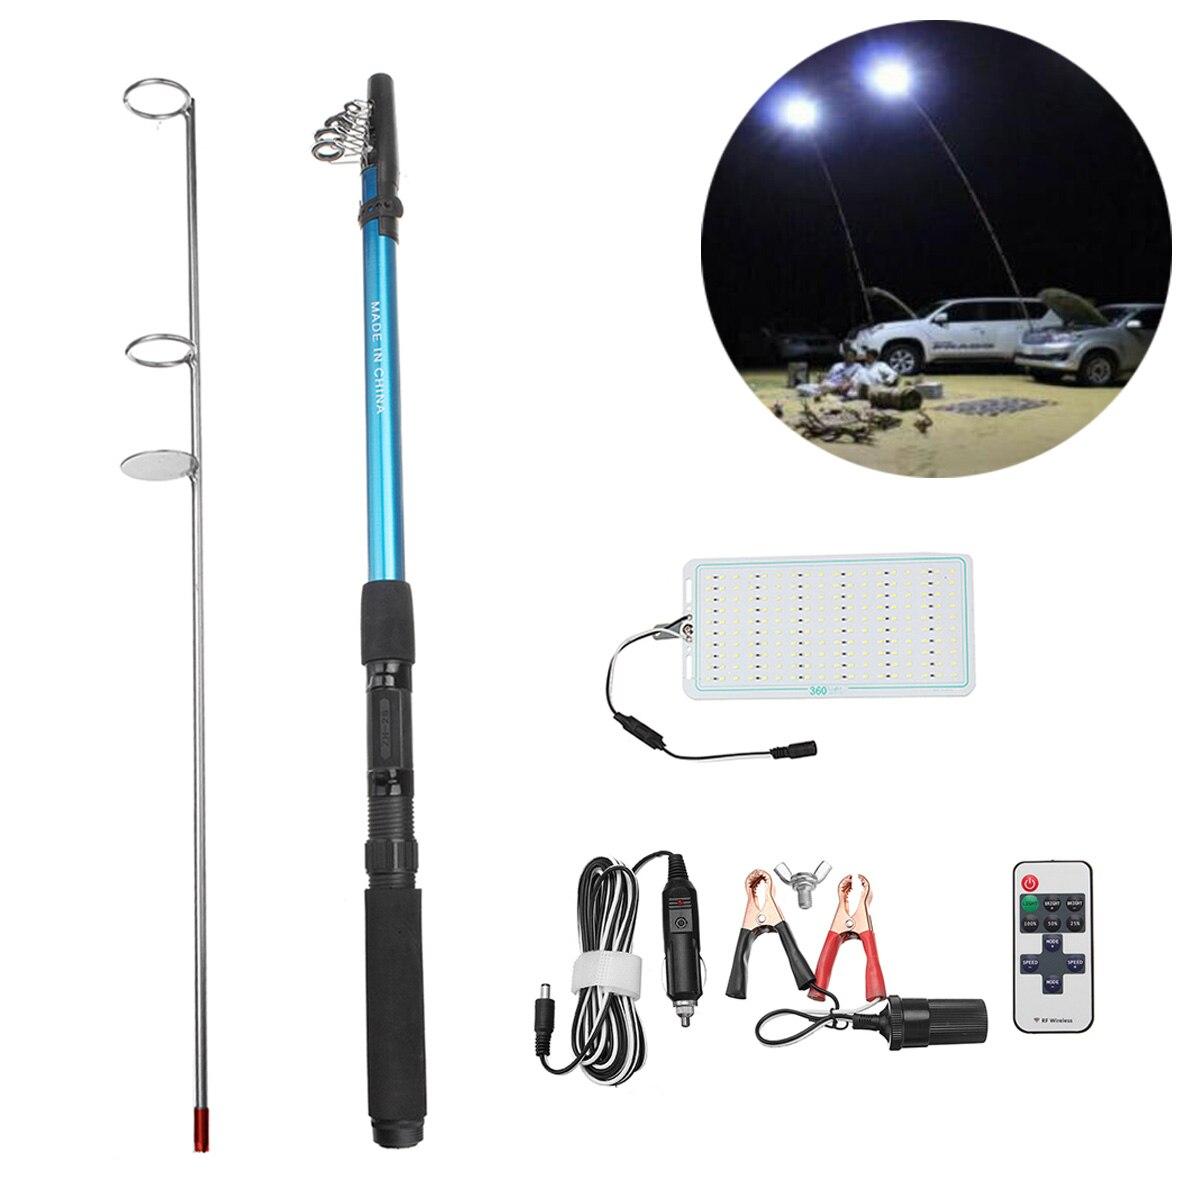 12 V 5 M 500 W voiture canne lumière télécommande Camping télescope voiture canne à pêche lumière LED lanterne éclairage extérieur lampe de Camping